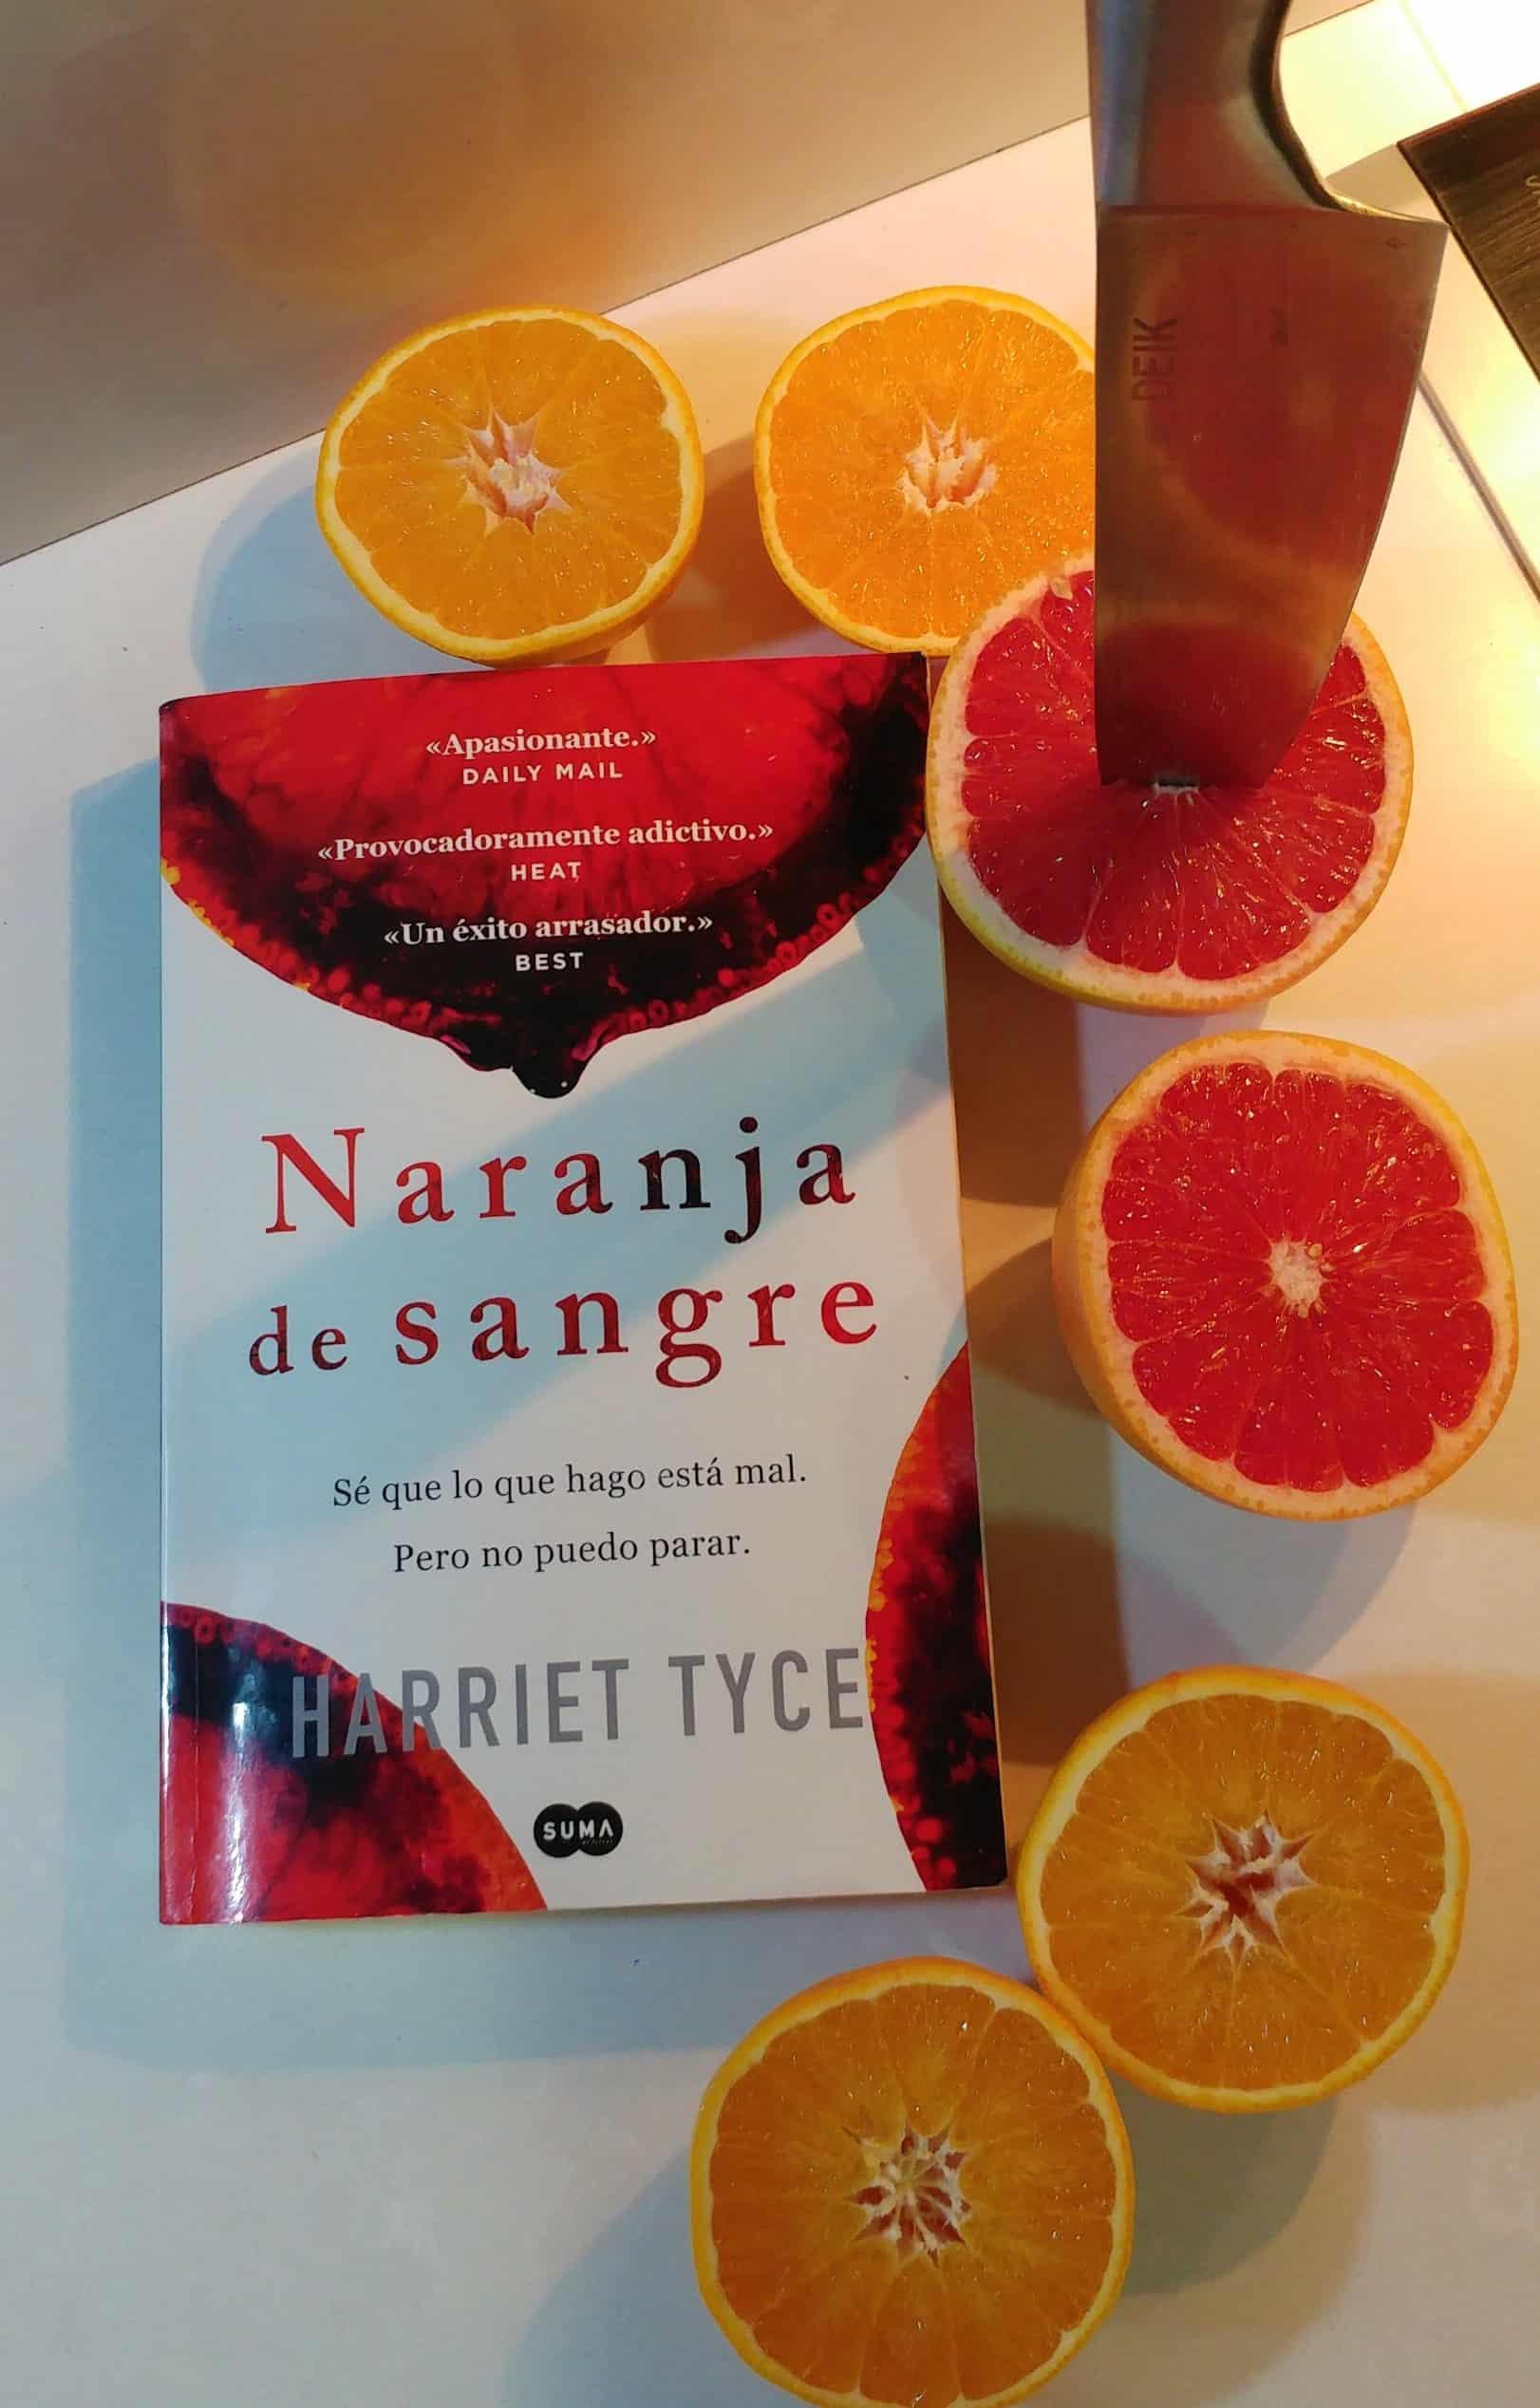 NARANJA DE SANGRE – HARRIET TYCE.